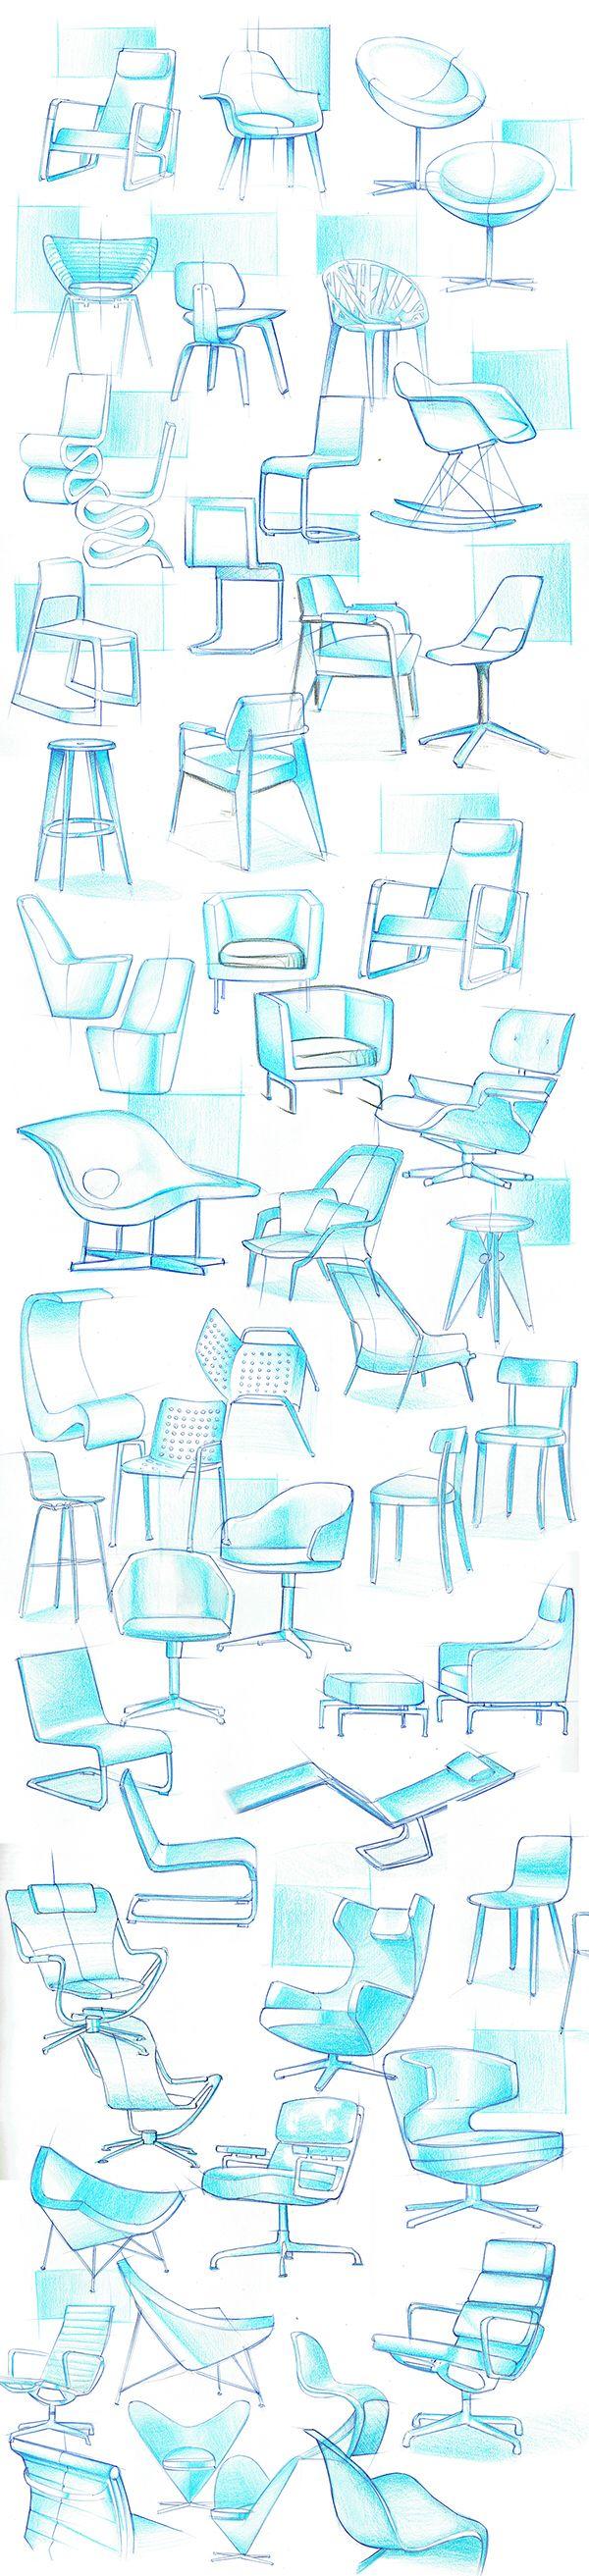 Muebles Architecture Pinterest Sillas Bocetos Y Industrial # Muebles Dibujo Arquitectonico